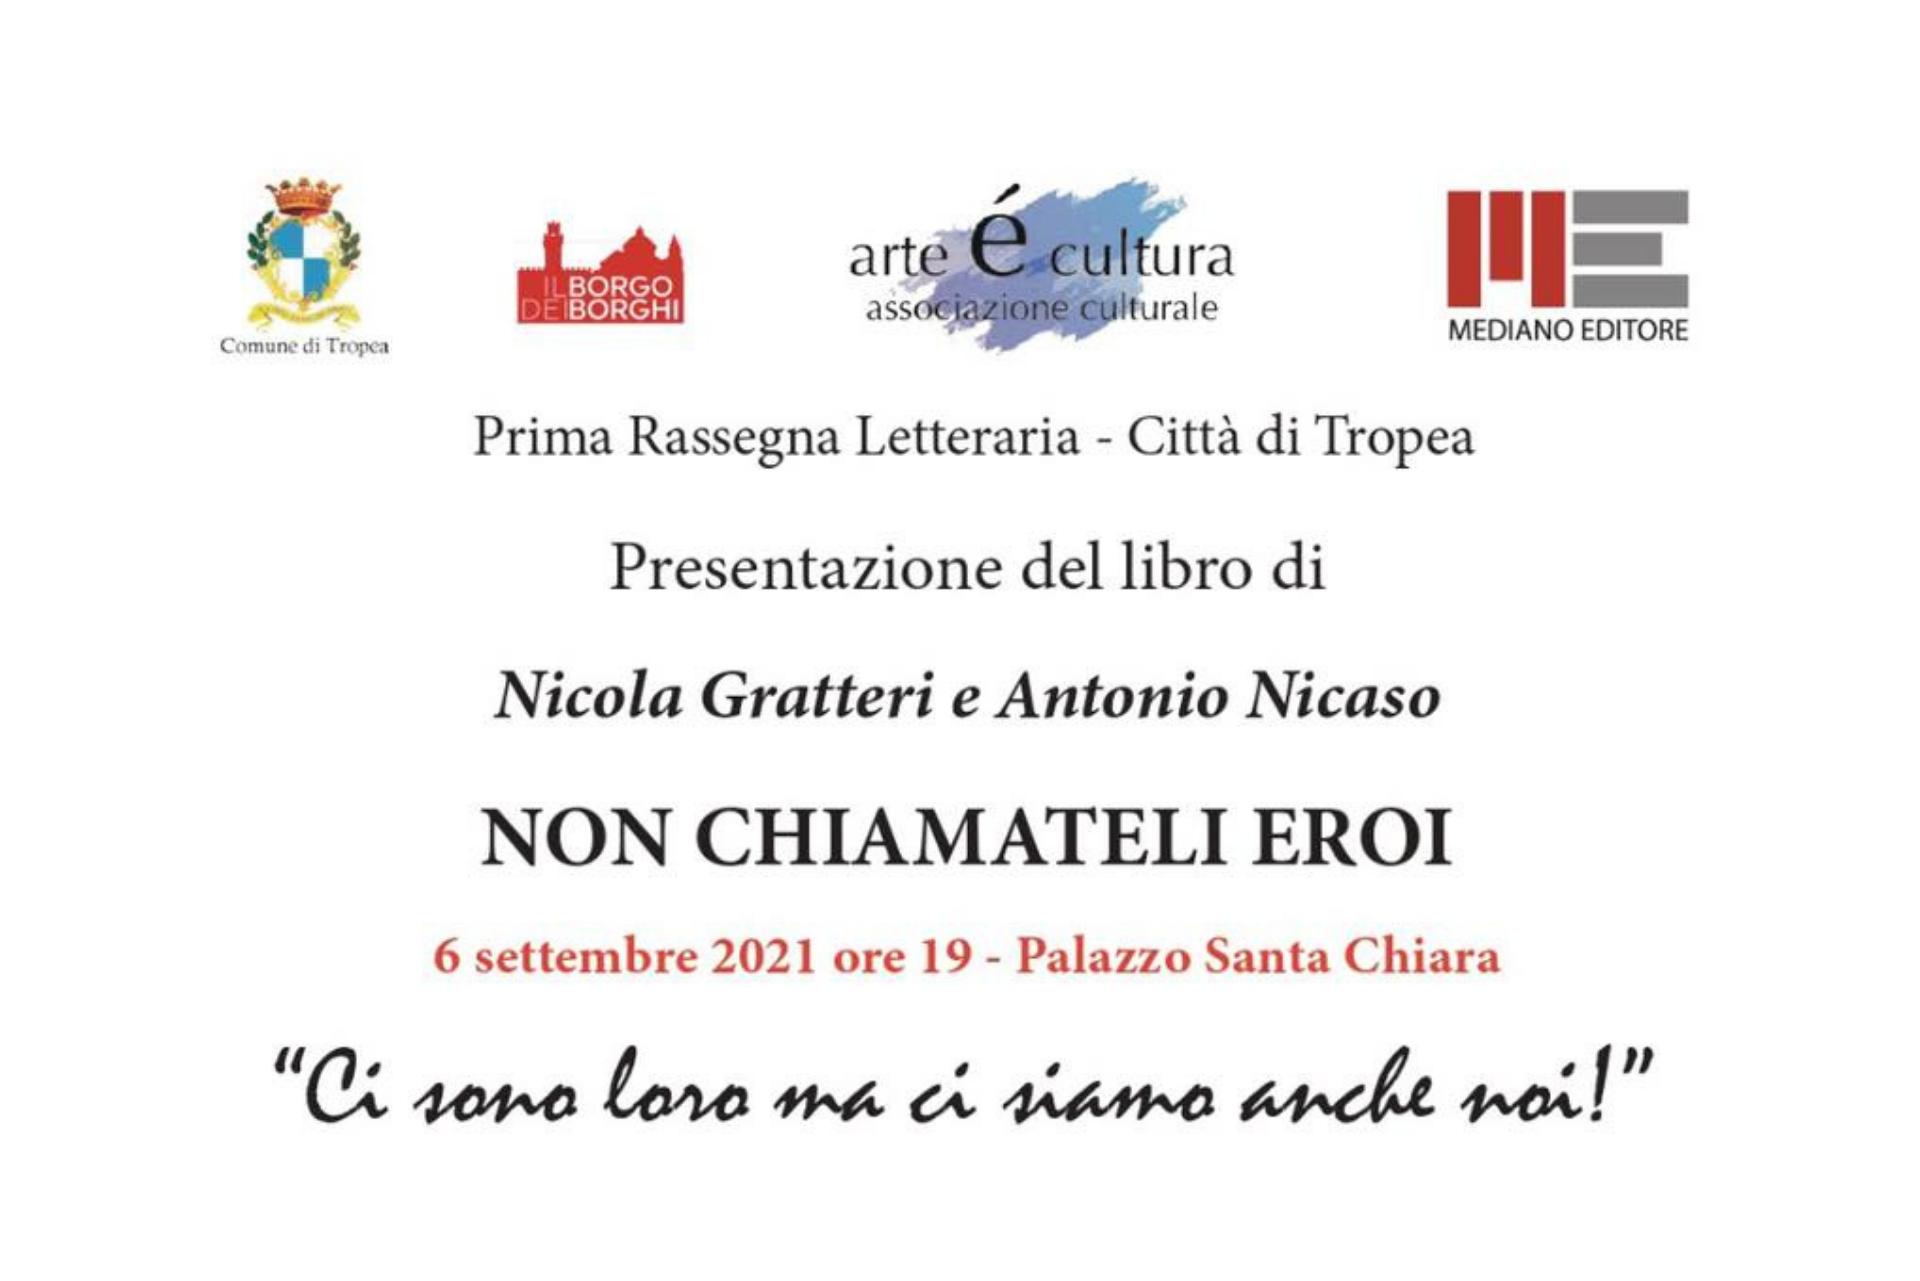 Rassegna Letteraria – Città di Tropea: presentazione del libro di Nicola Gratteri e Antonio Nicasio